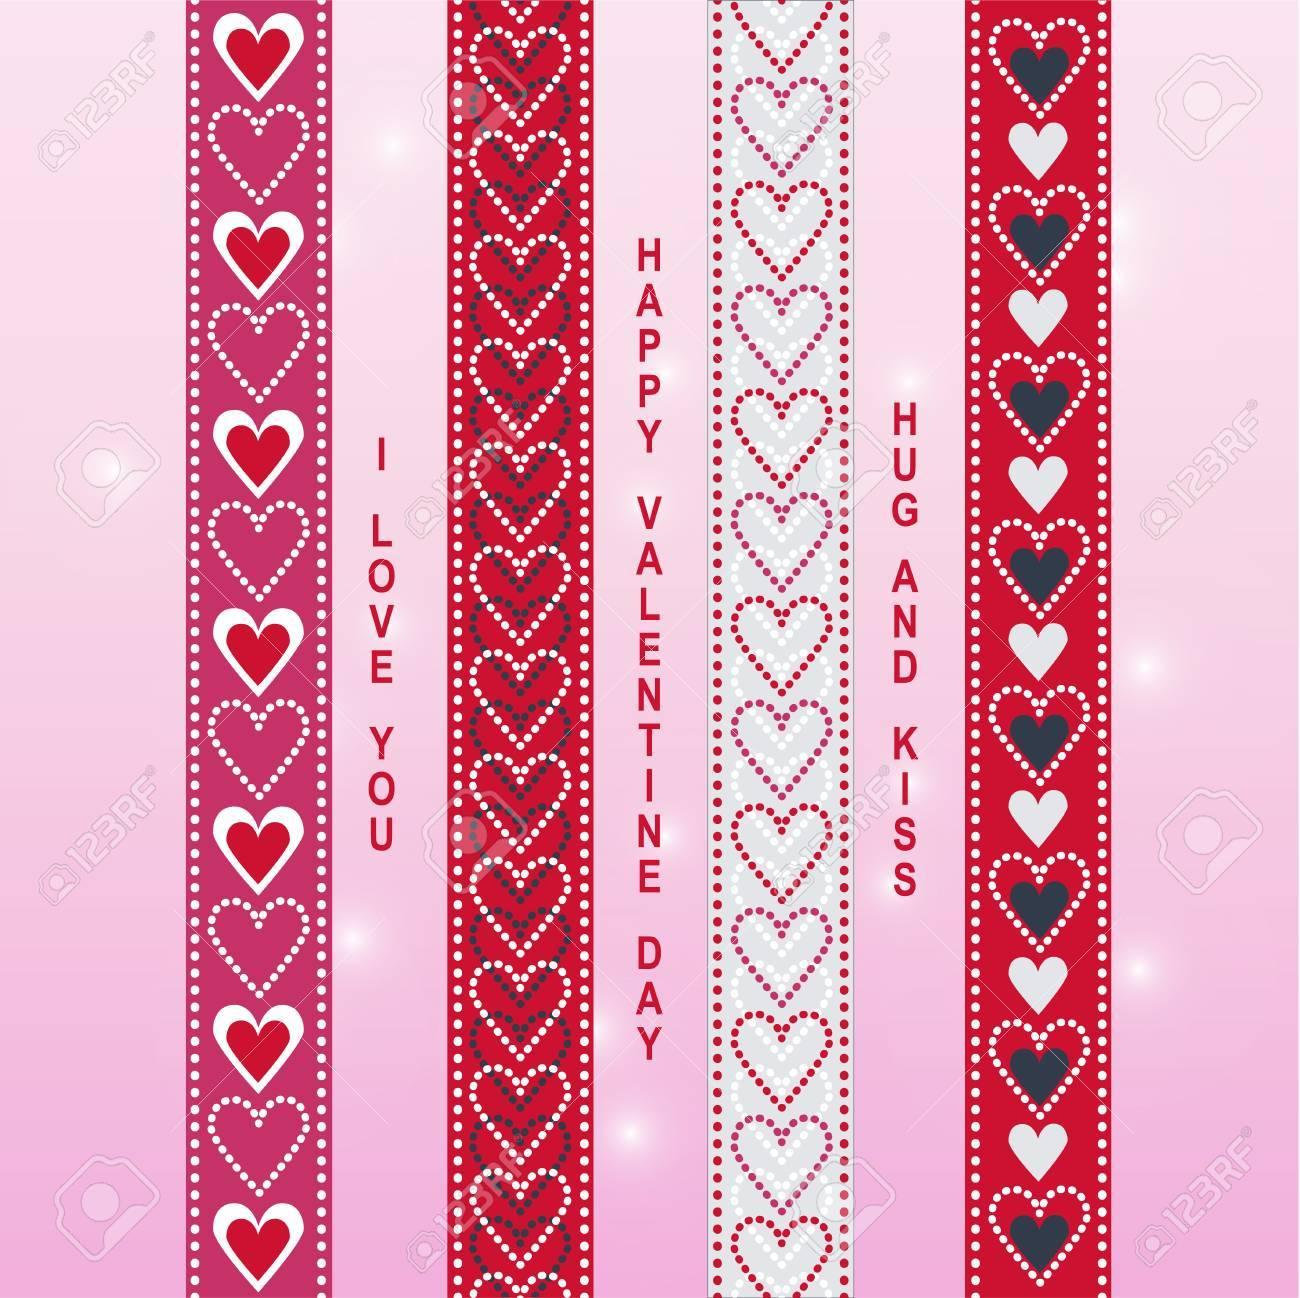 Valentine Band Washi Band Scrapbook Artikel In Rot, Rosa, Weiß Und ...